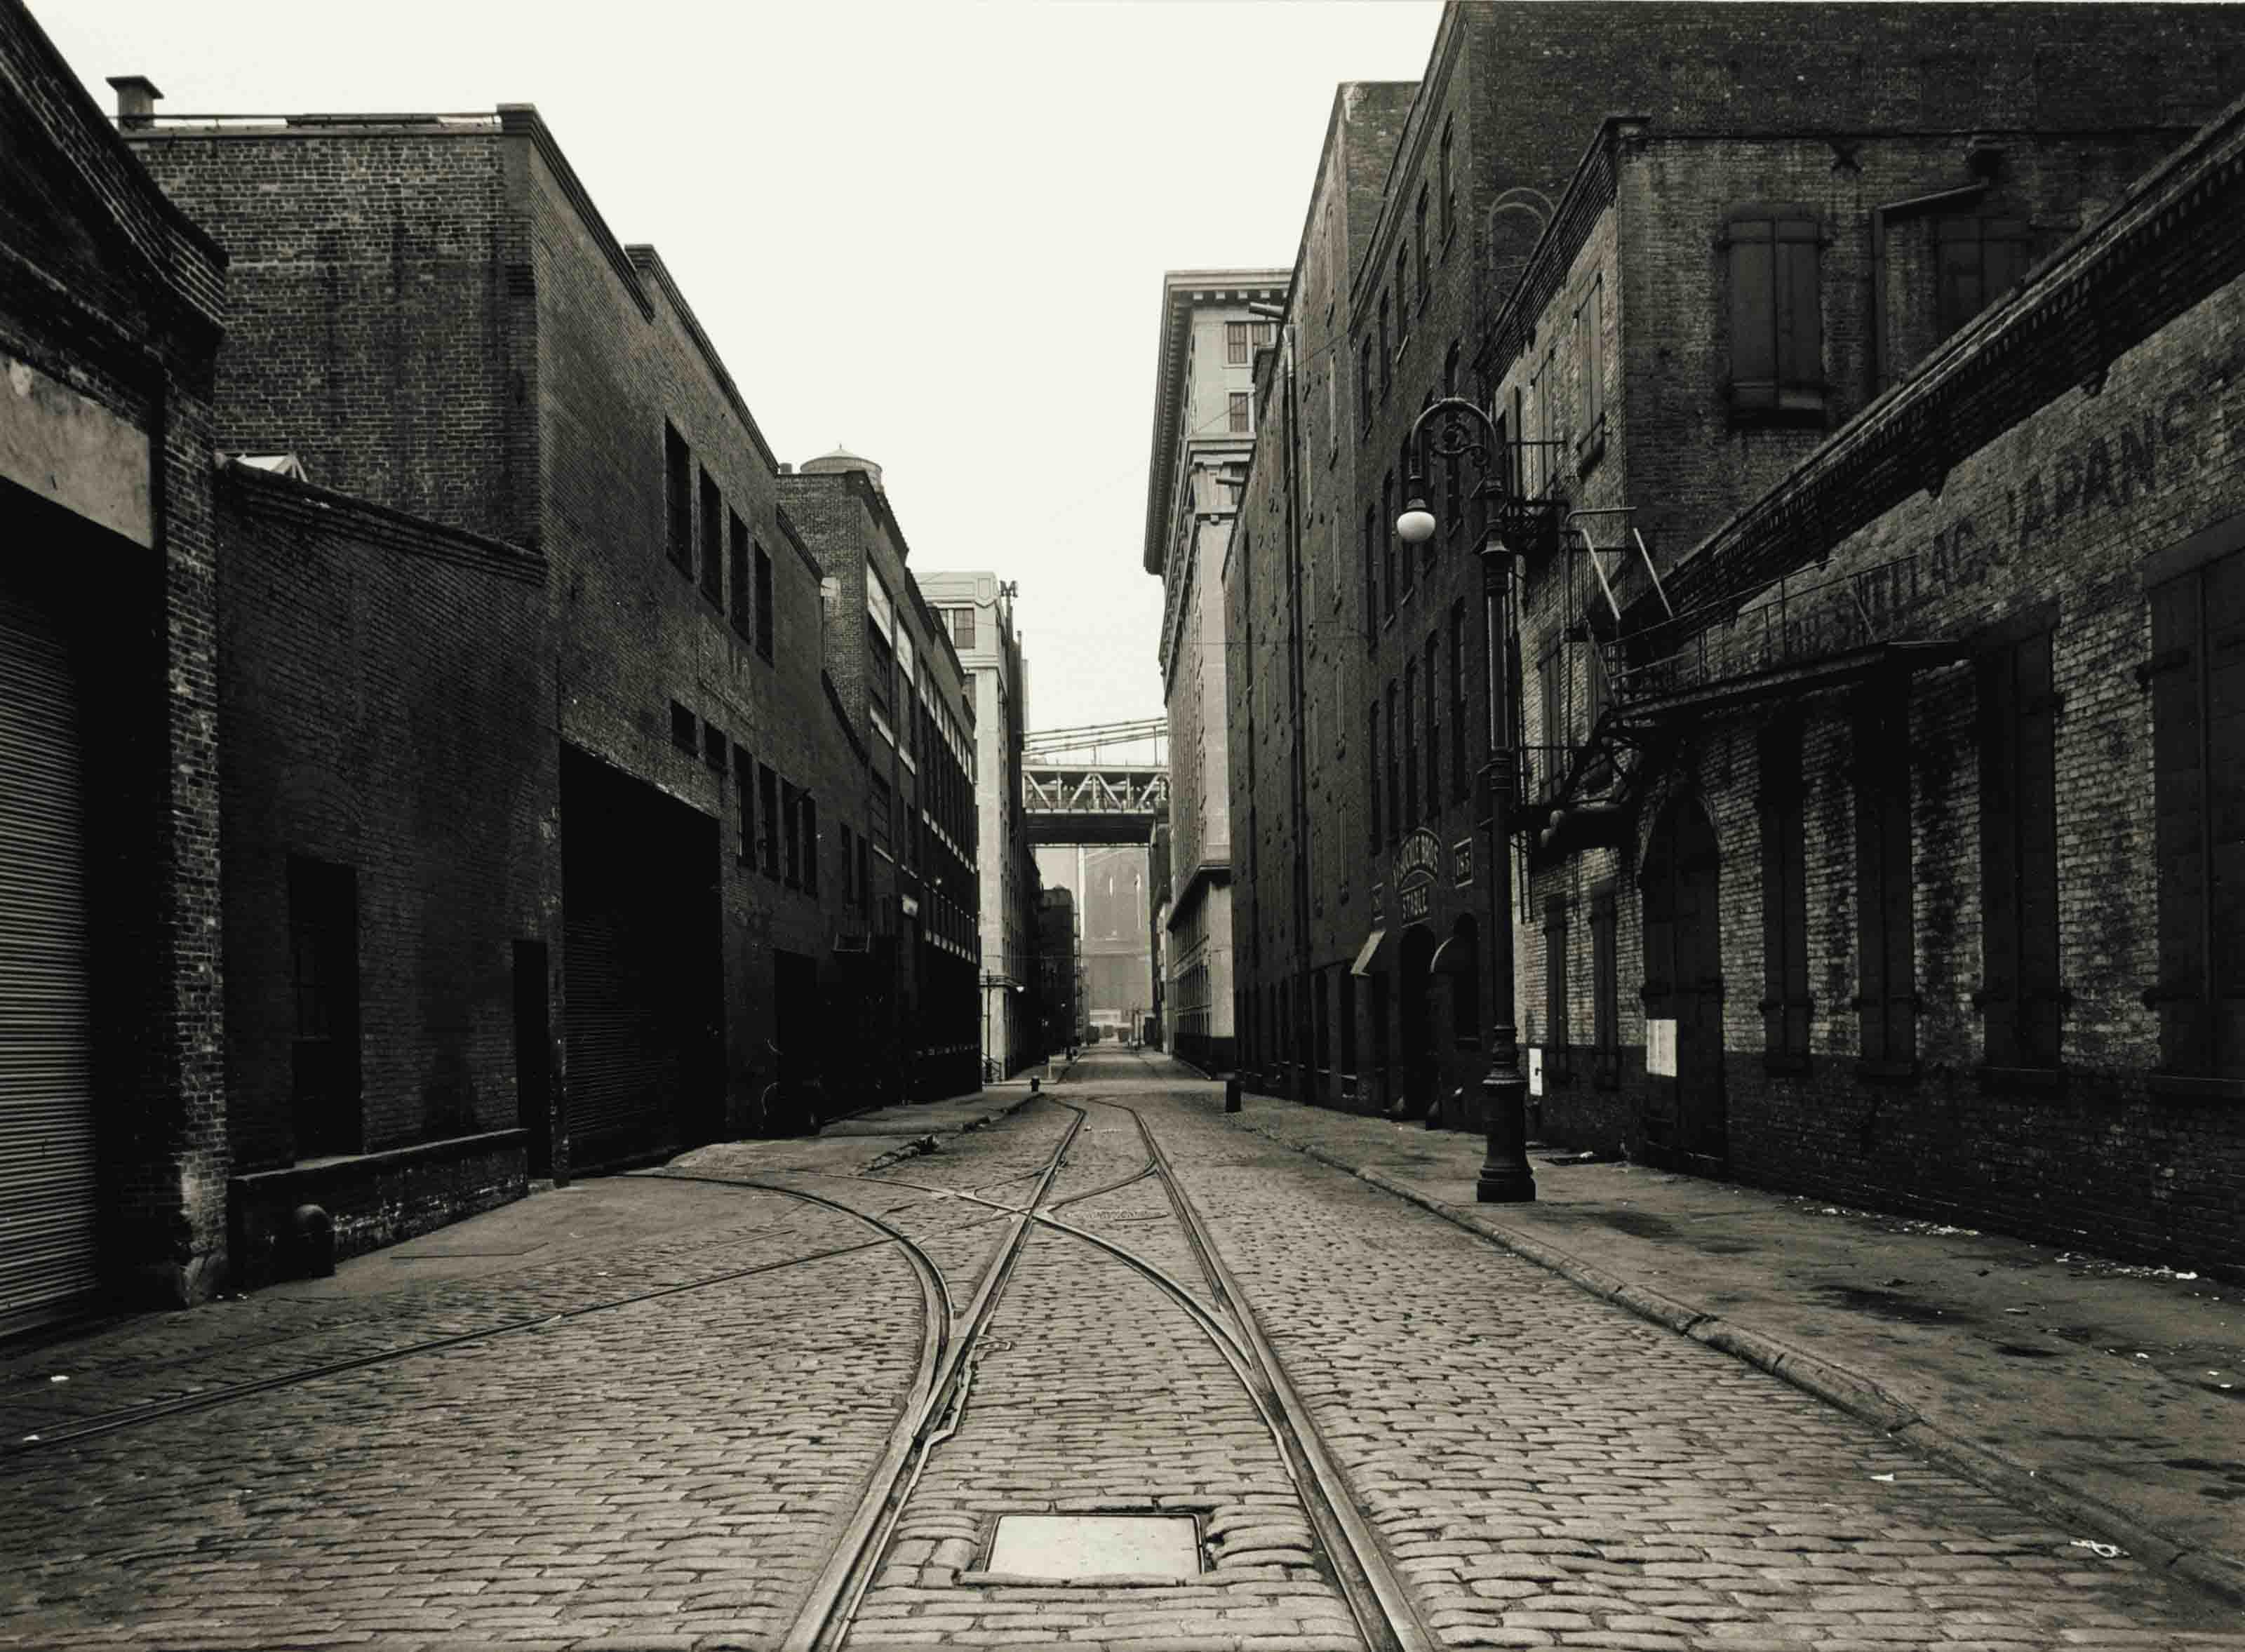 Sunday, Downtown Brooklyn, N.Y., c. 1941